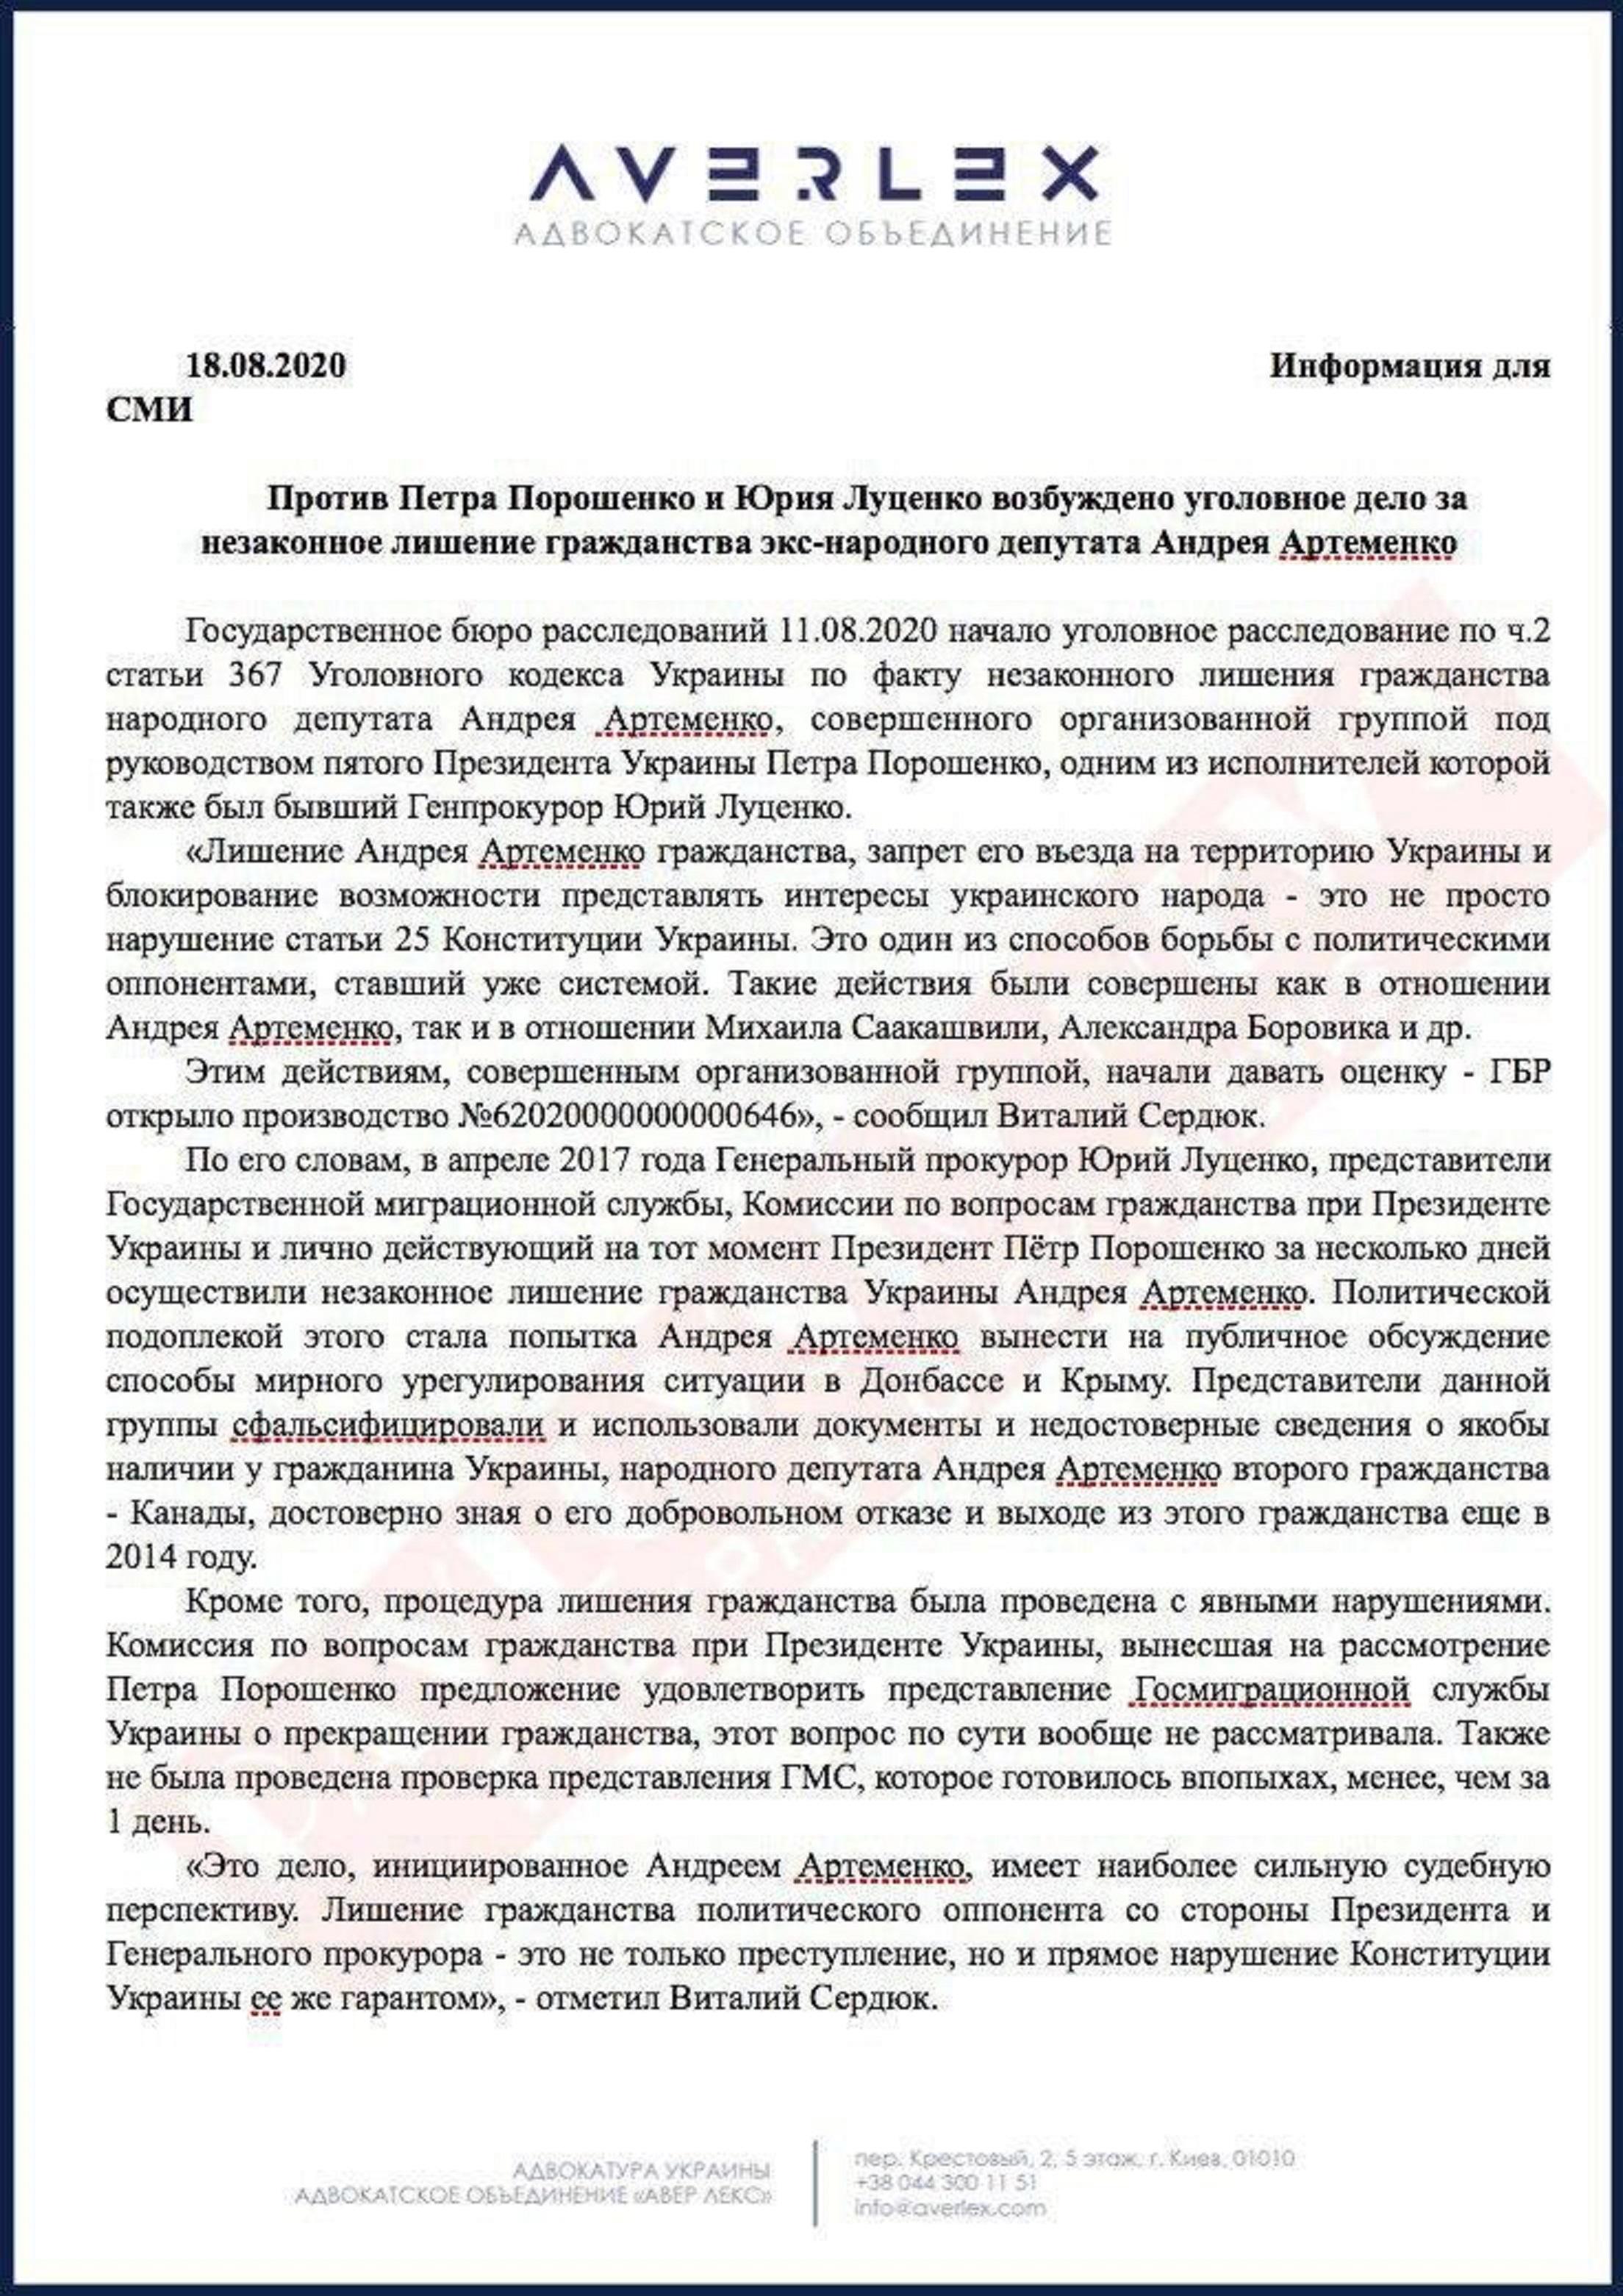 ГБР открыло уголовные дела против Порошенко и Луценко - фото 1